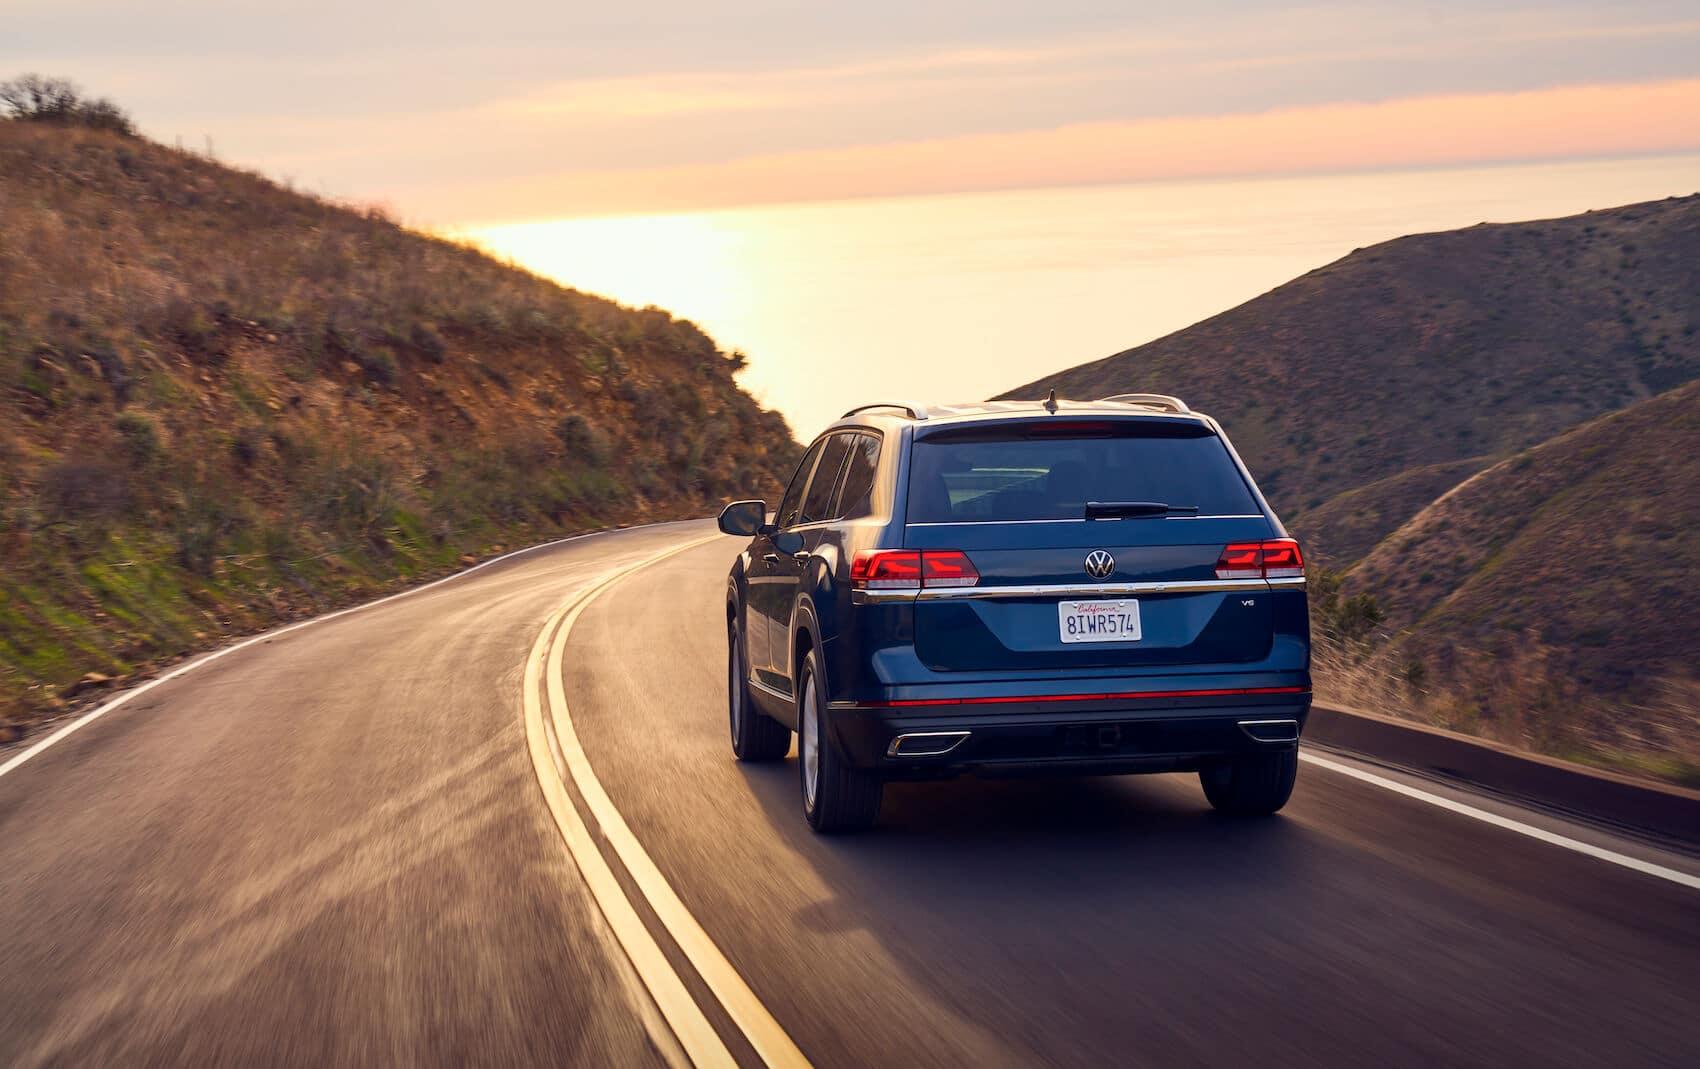 Certified Pre-Owned Volkswagen Dealer near Littleton Colorado